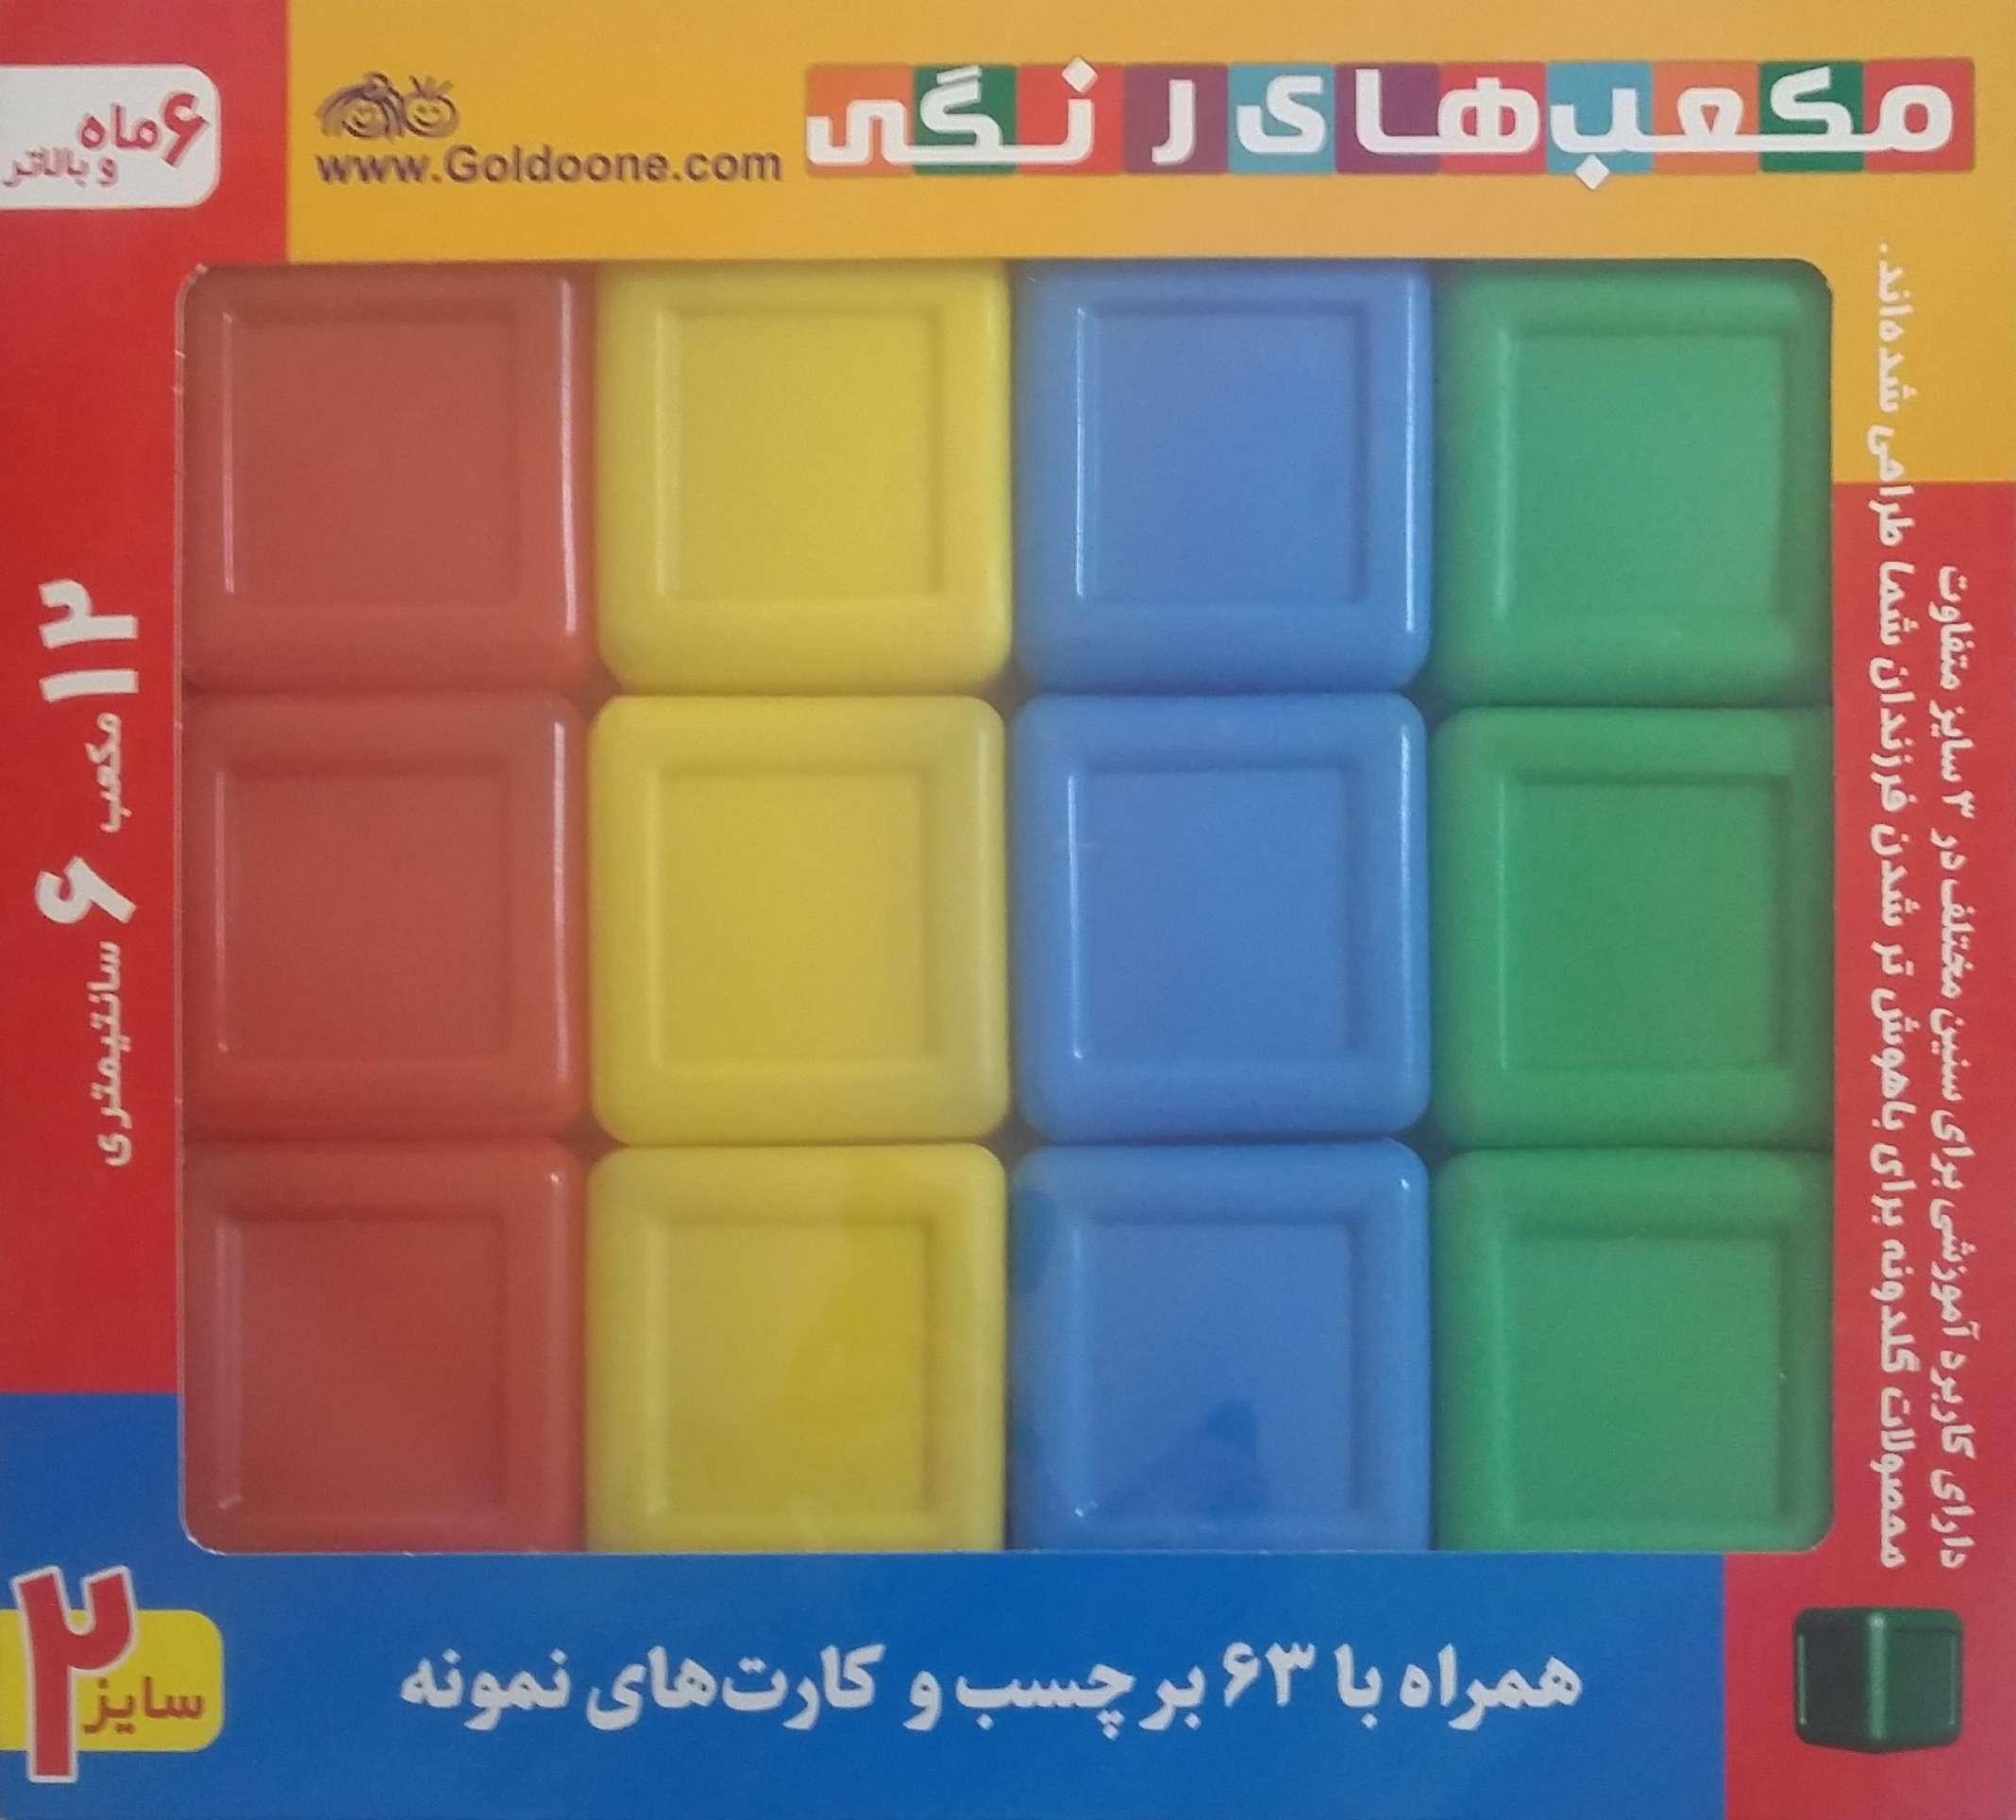 پازل_مکعب_هاي_رنگي-12قطعه